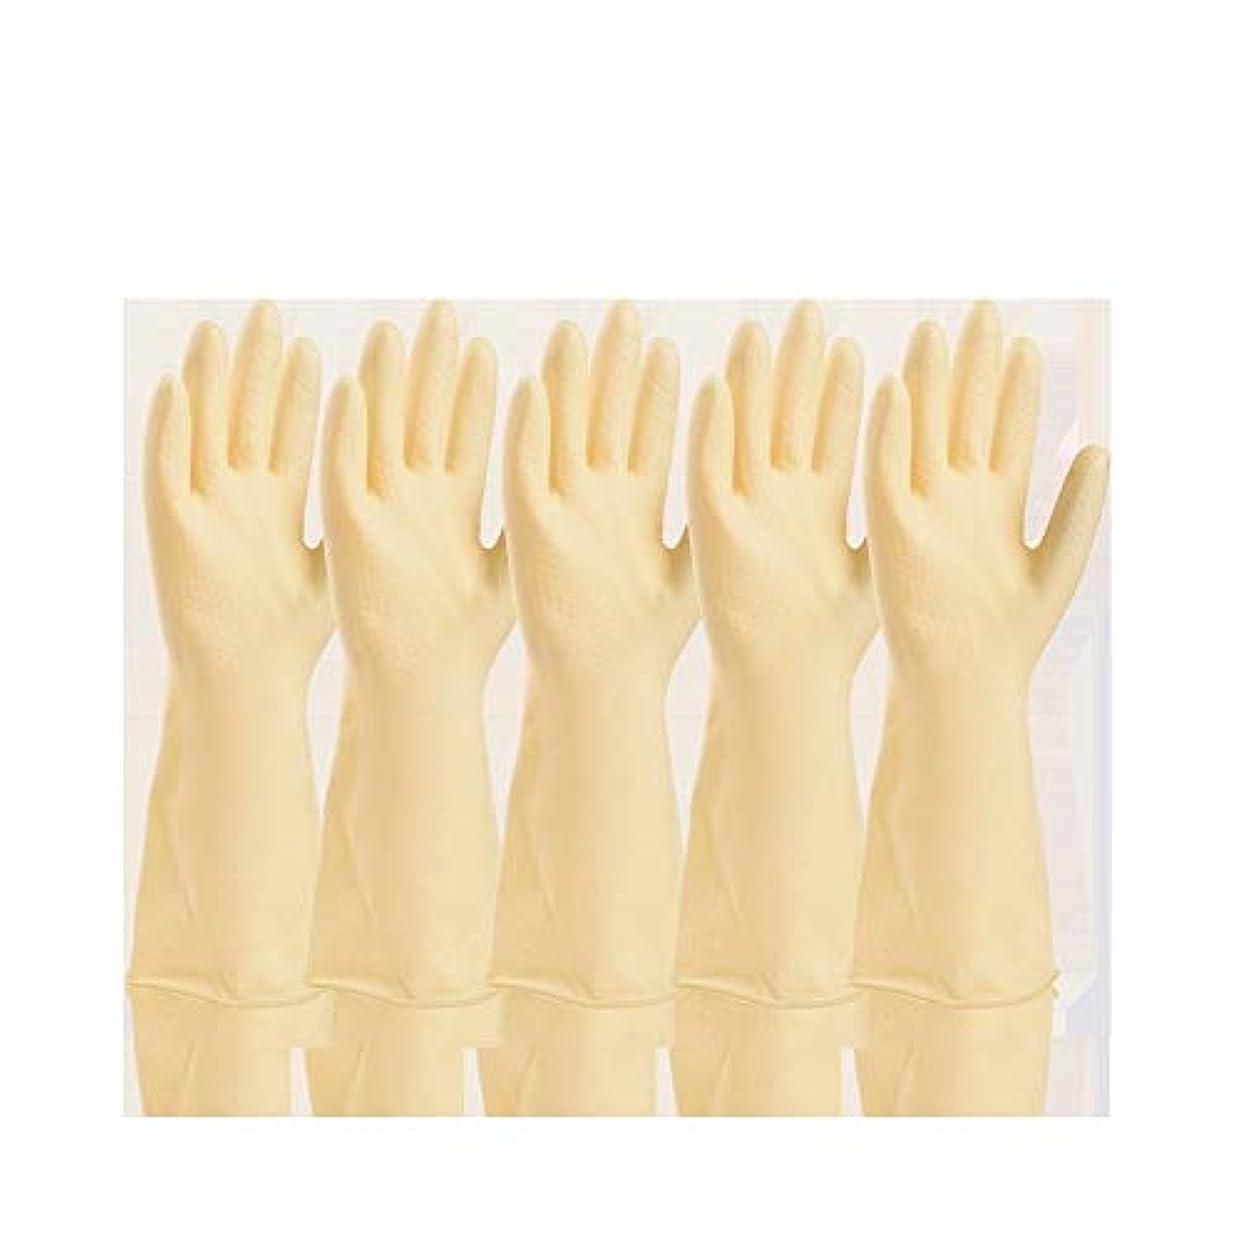 勢い福祉ヒューマニスティックニトリルゴム手袋 工業用手袋厚手のプラスチック製保護用耐水性防水ラテックス手袋、5ペア 使い捨て手袋 (Color : White, Size : L)